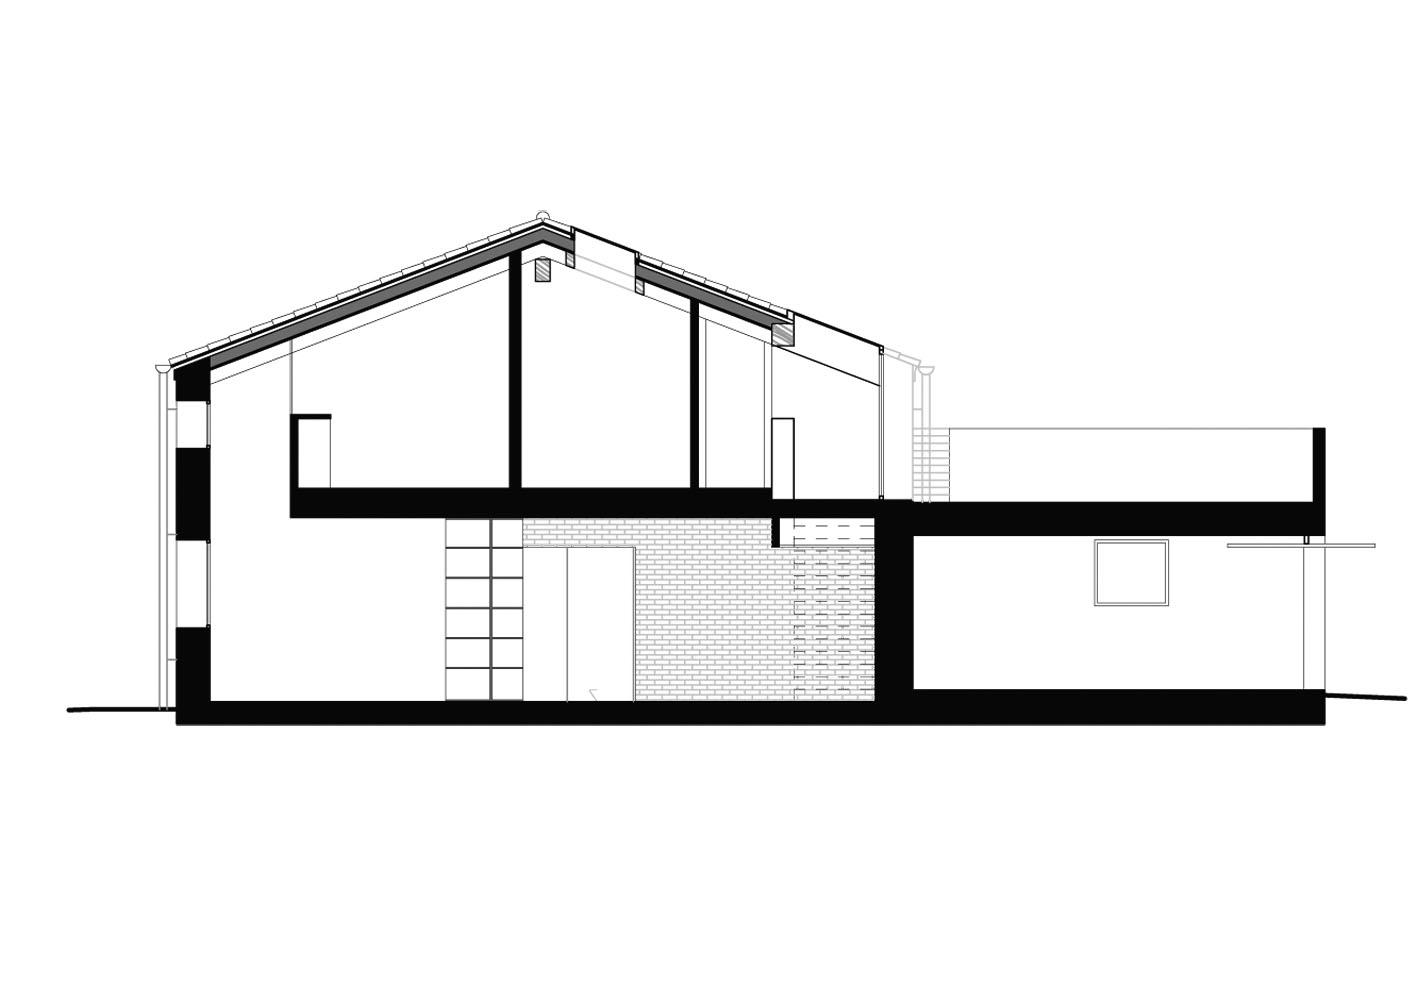 Ristrutturazione edificio residenziale interno4 studi for Edificio a 3 piani